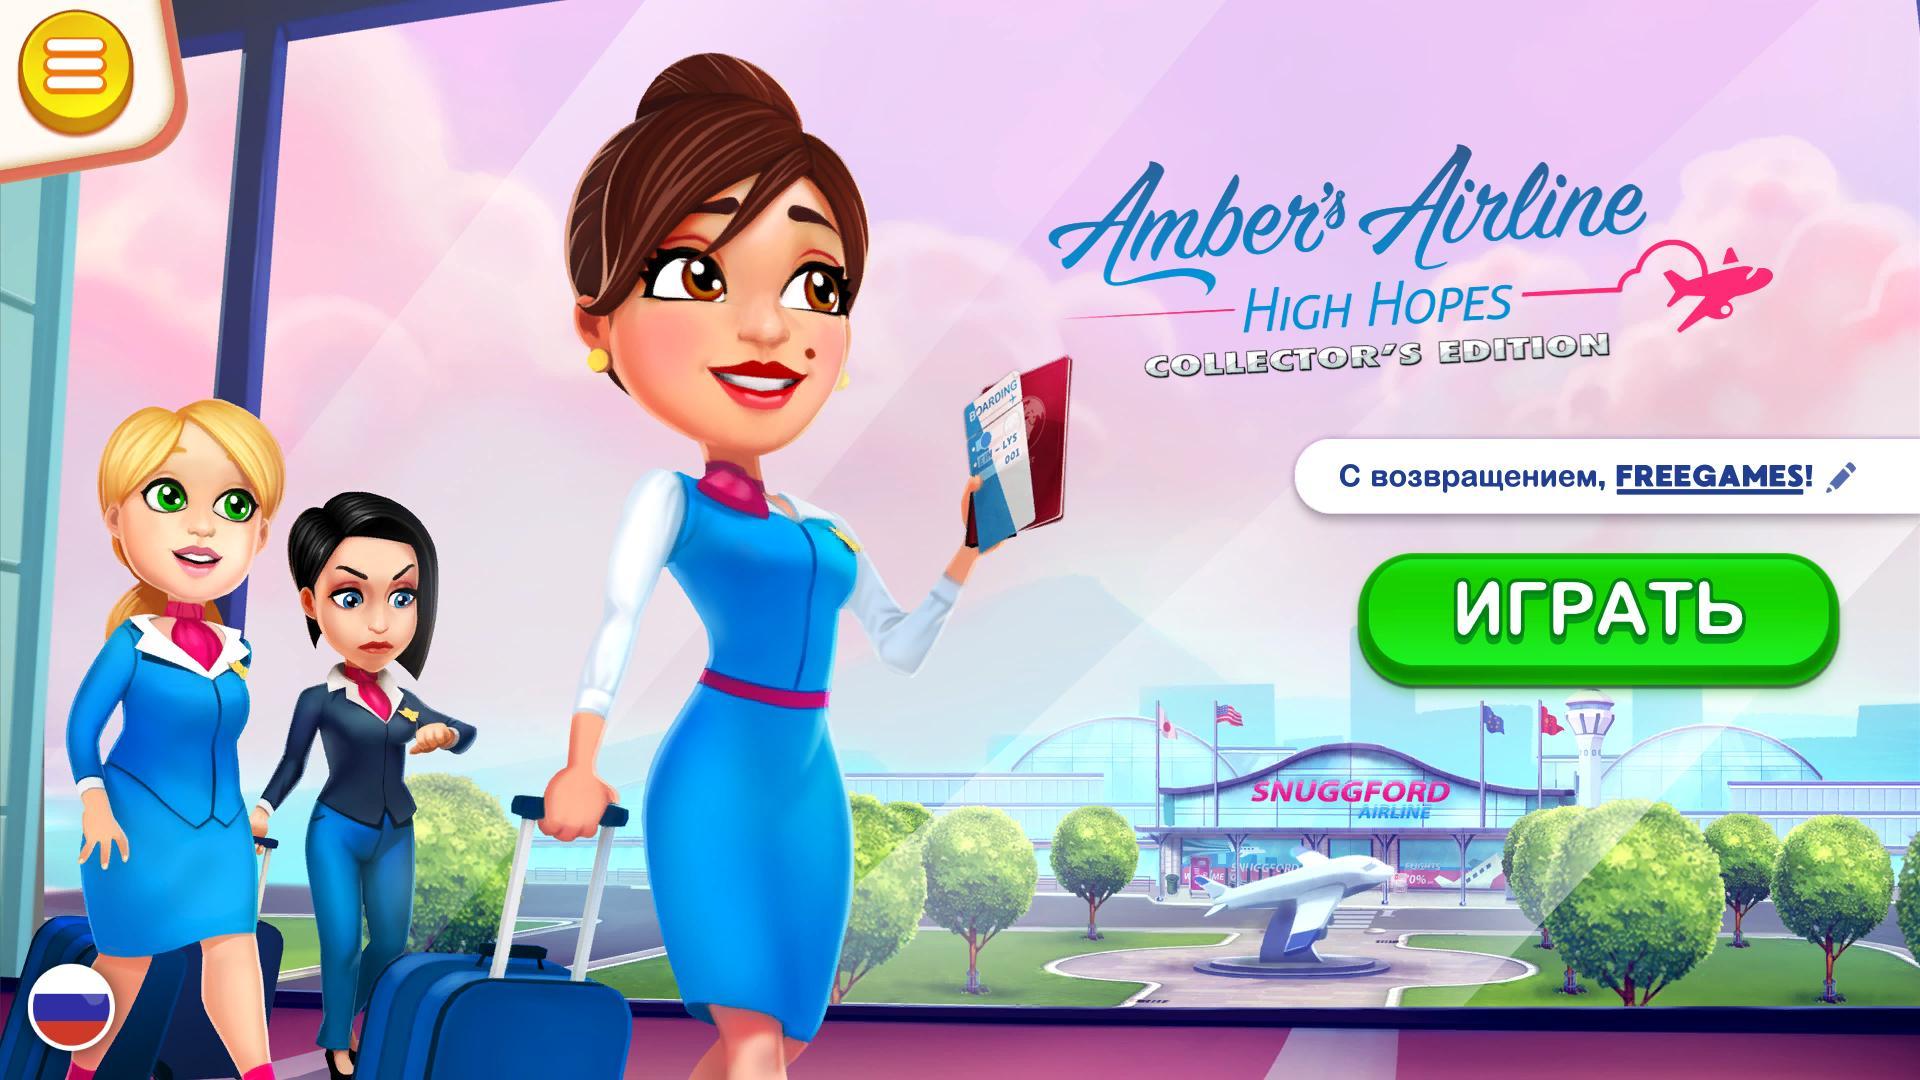 Авиакомпания Эмбер: Большие надежды. Коллекционное издание | Amber's Airline: High Hopes CE (Rus)